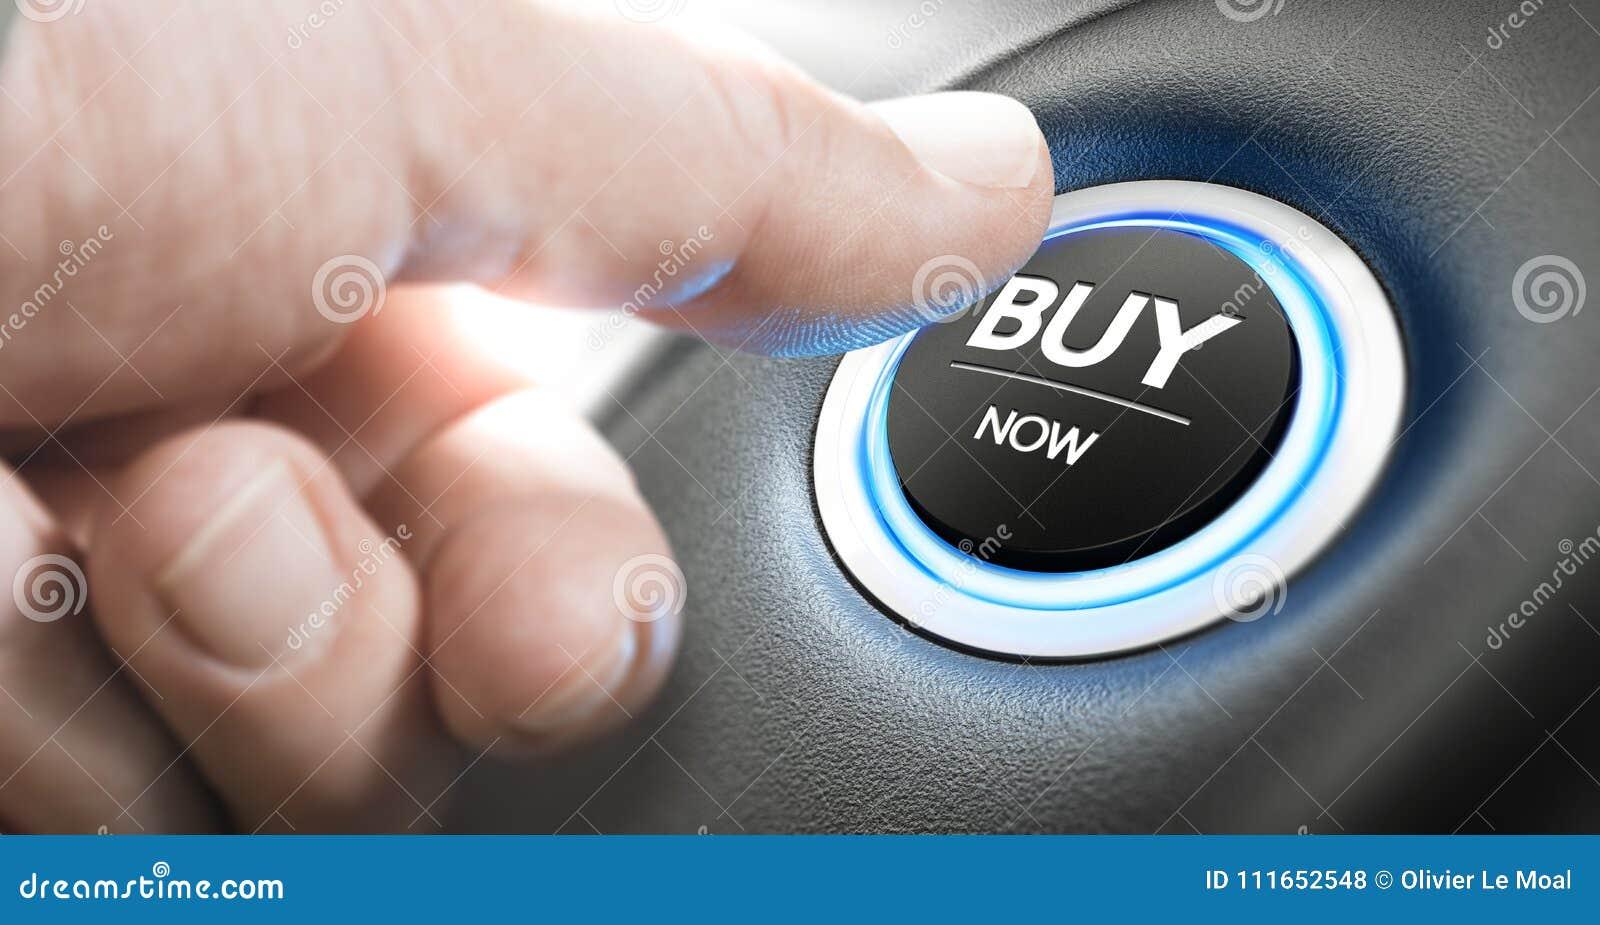 Compre um carro novo agora